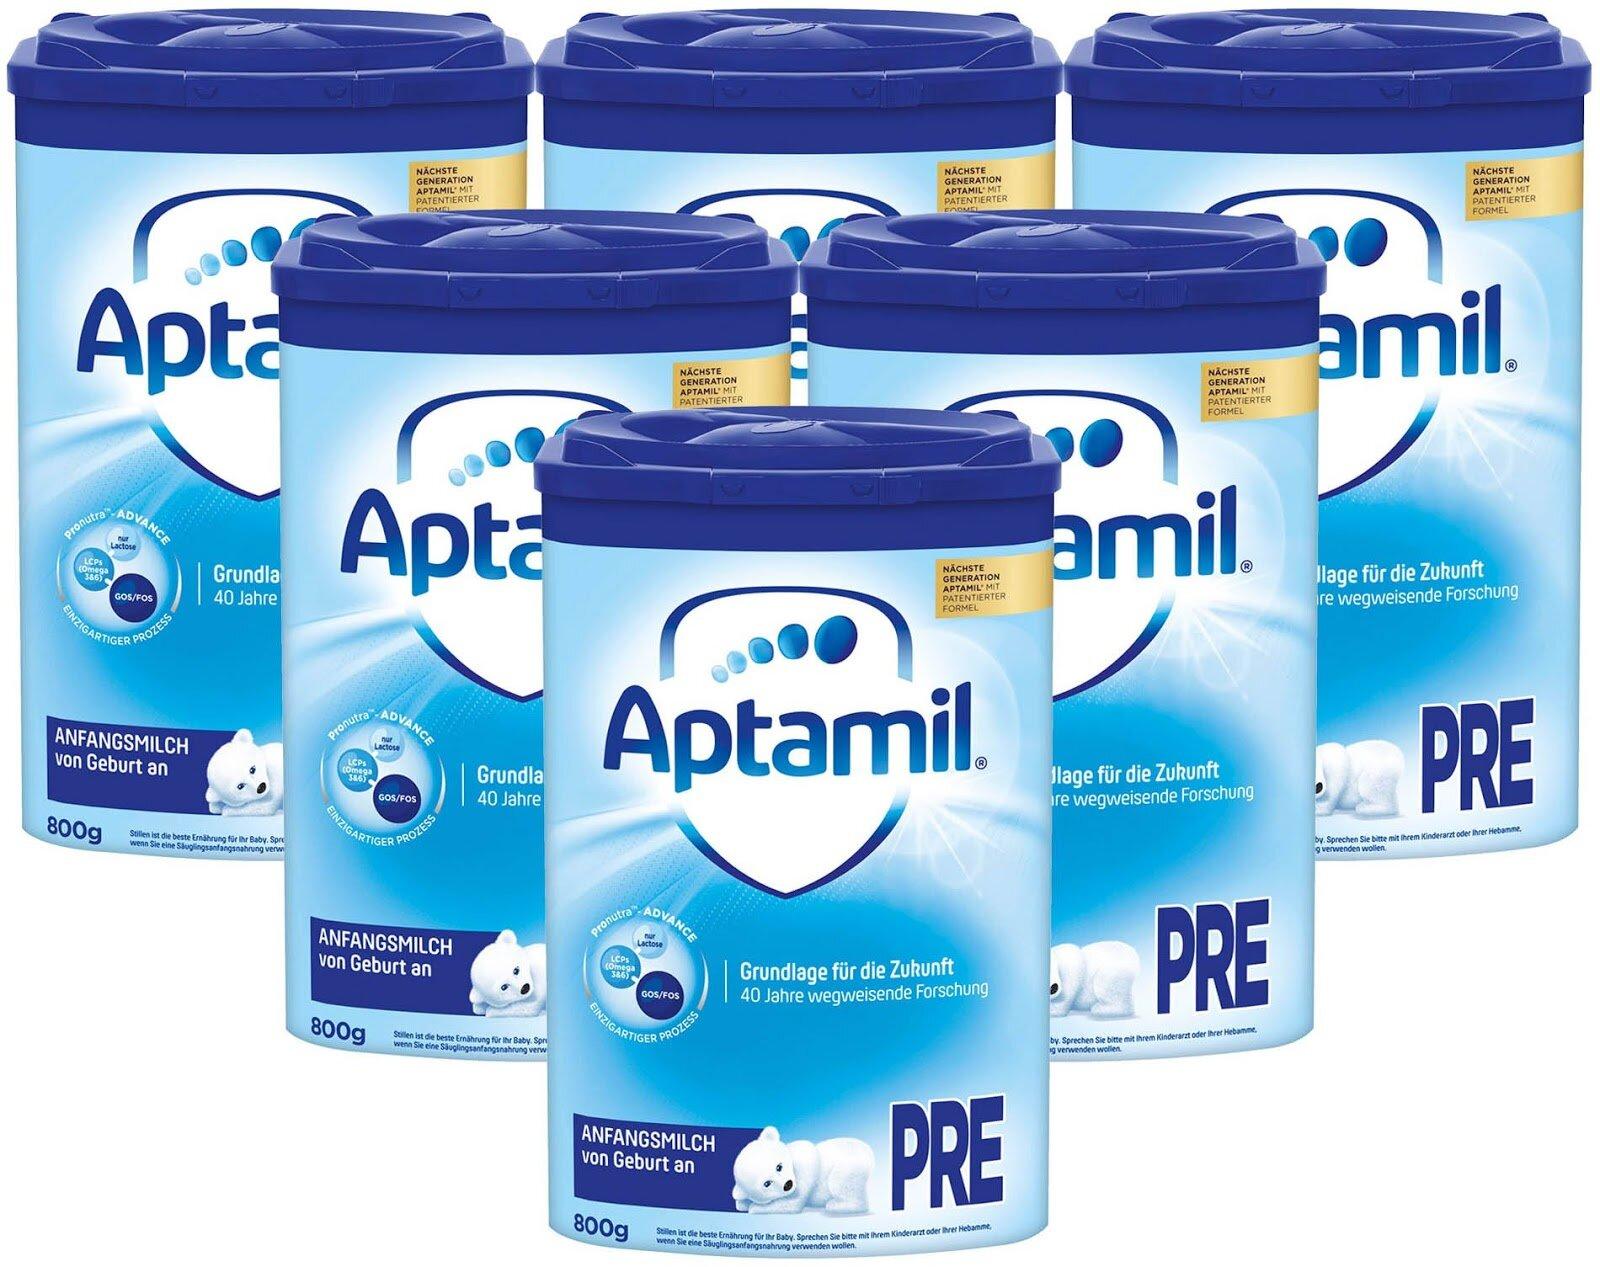 Sữa Aptamil Pre được sản xuất theo tiêu chuẩn của nước Đức